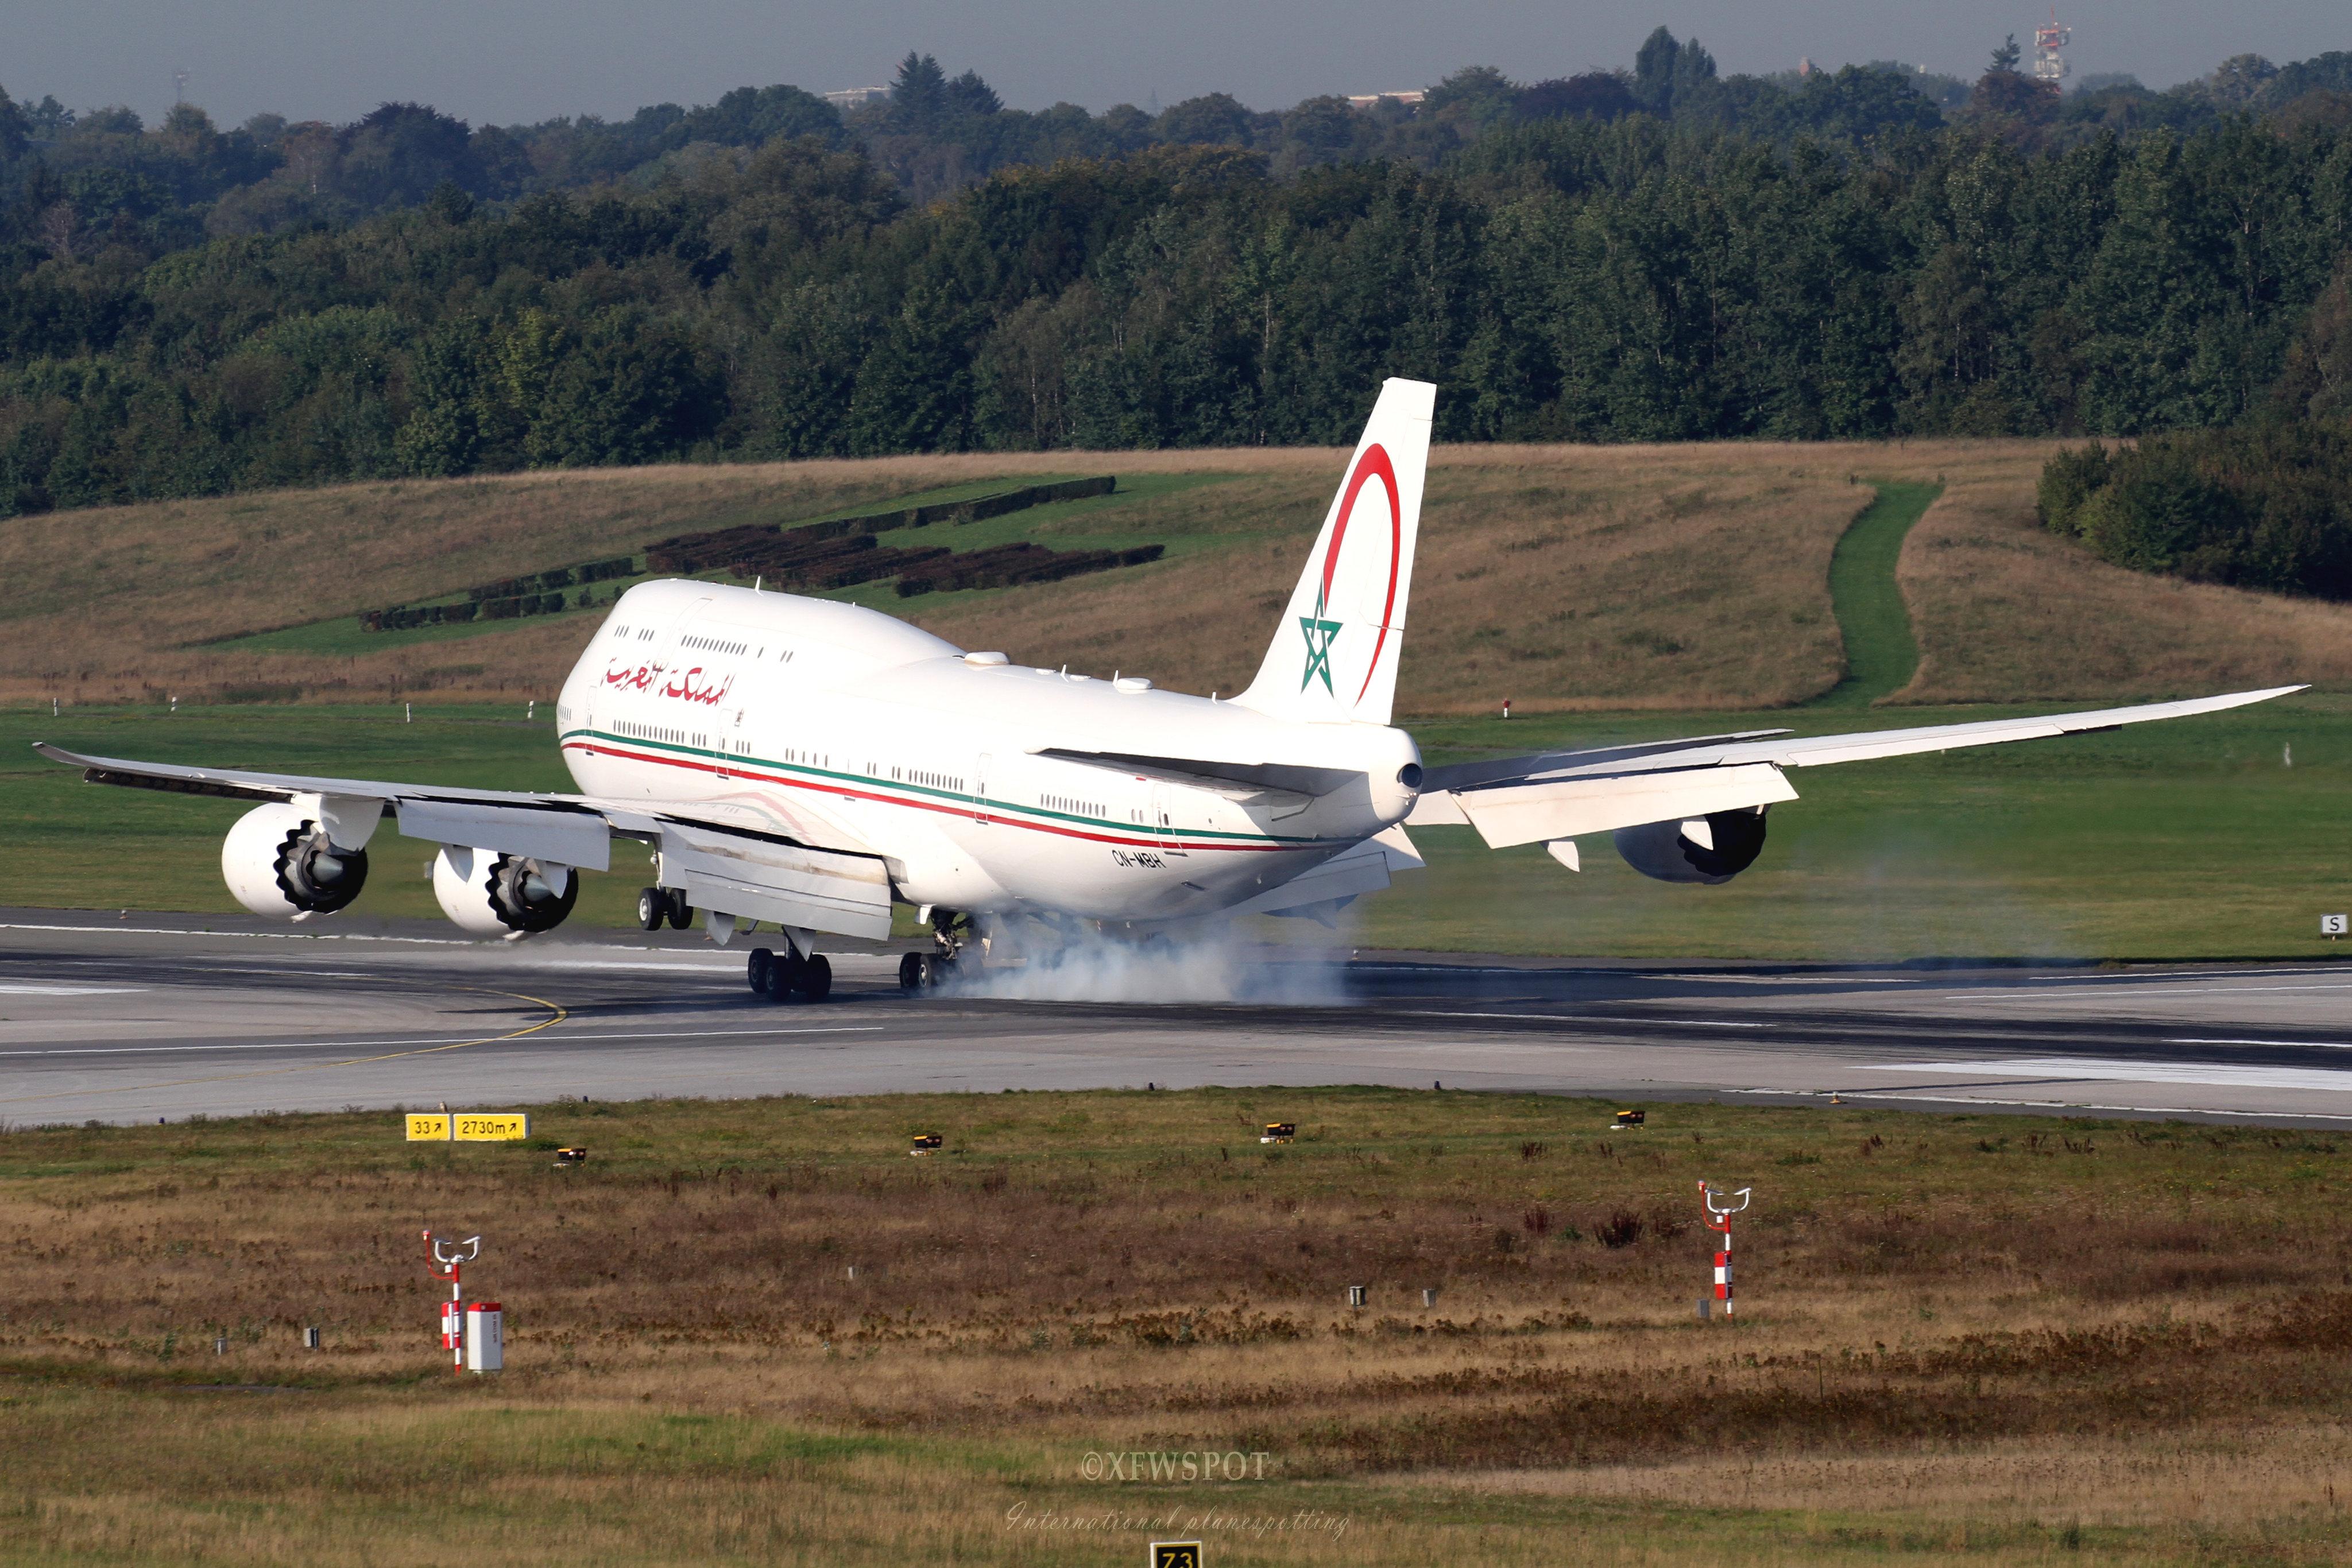 FRA: Avions VIP, Liaison & ECM - Page 25 50340781058_4c1fb1ad61_4k